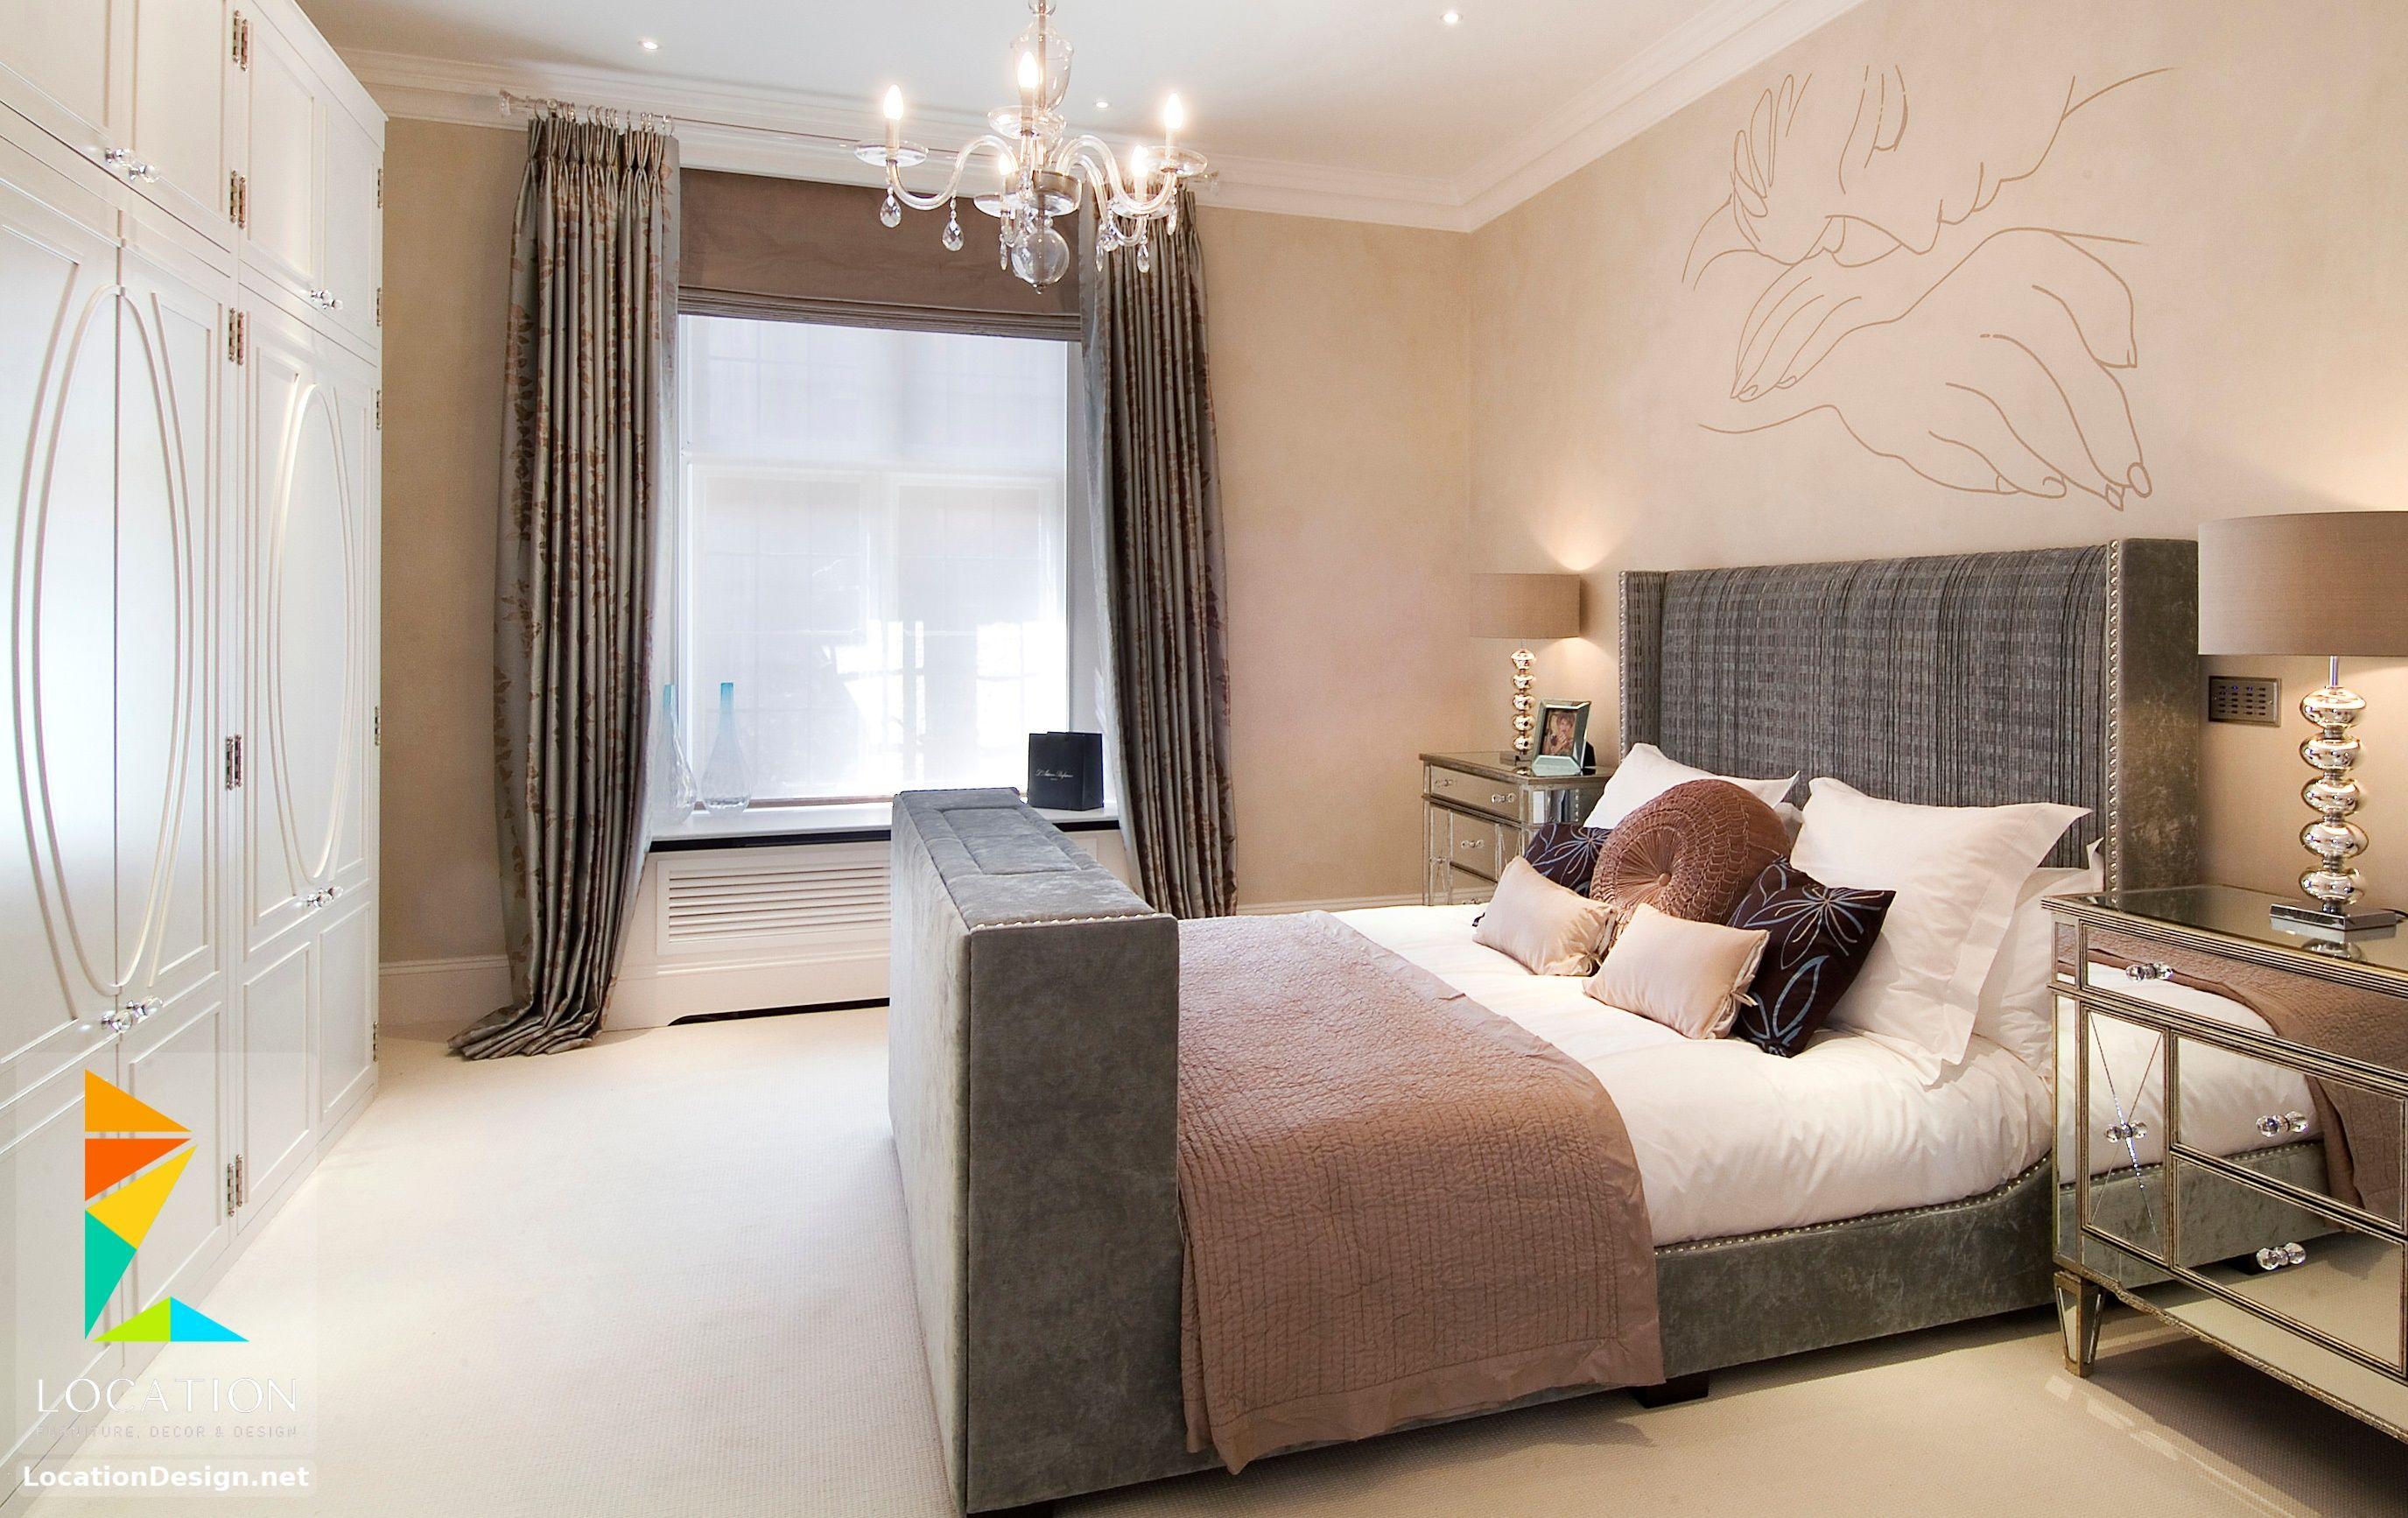 ديكورات غرف نوم صغيرة وبسيطة لوكشين ديزين نت Master Bedroom Design Small Master Bedroom Luxurious Bedrooms